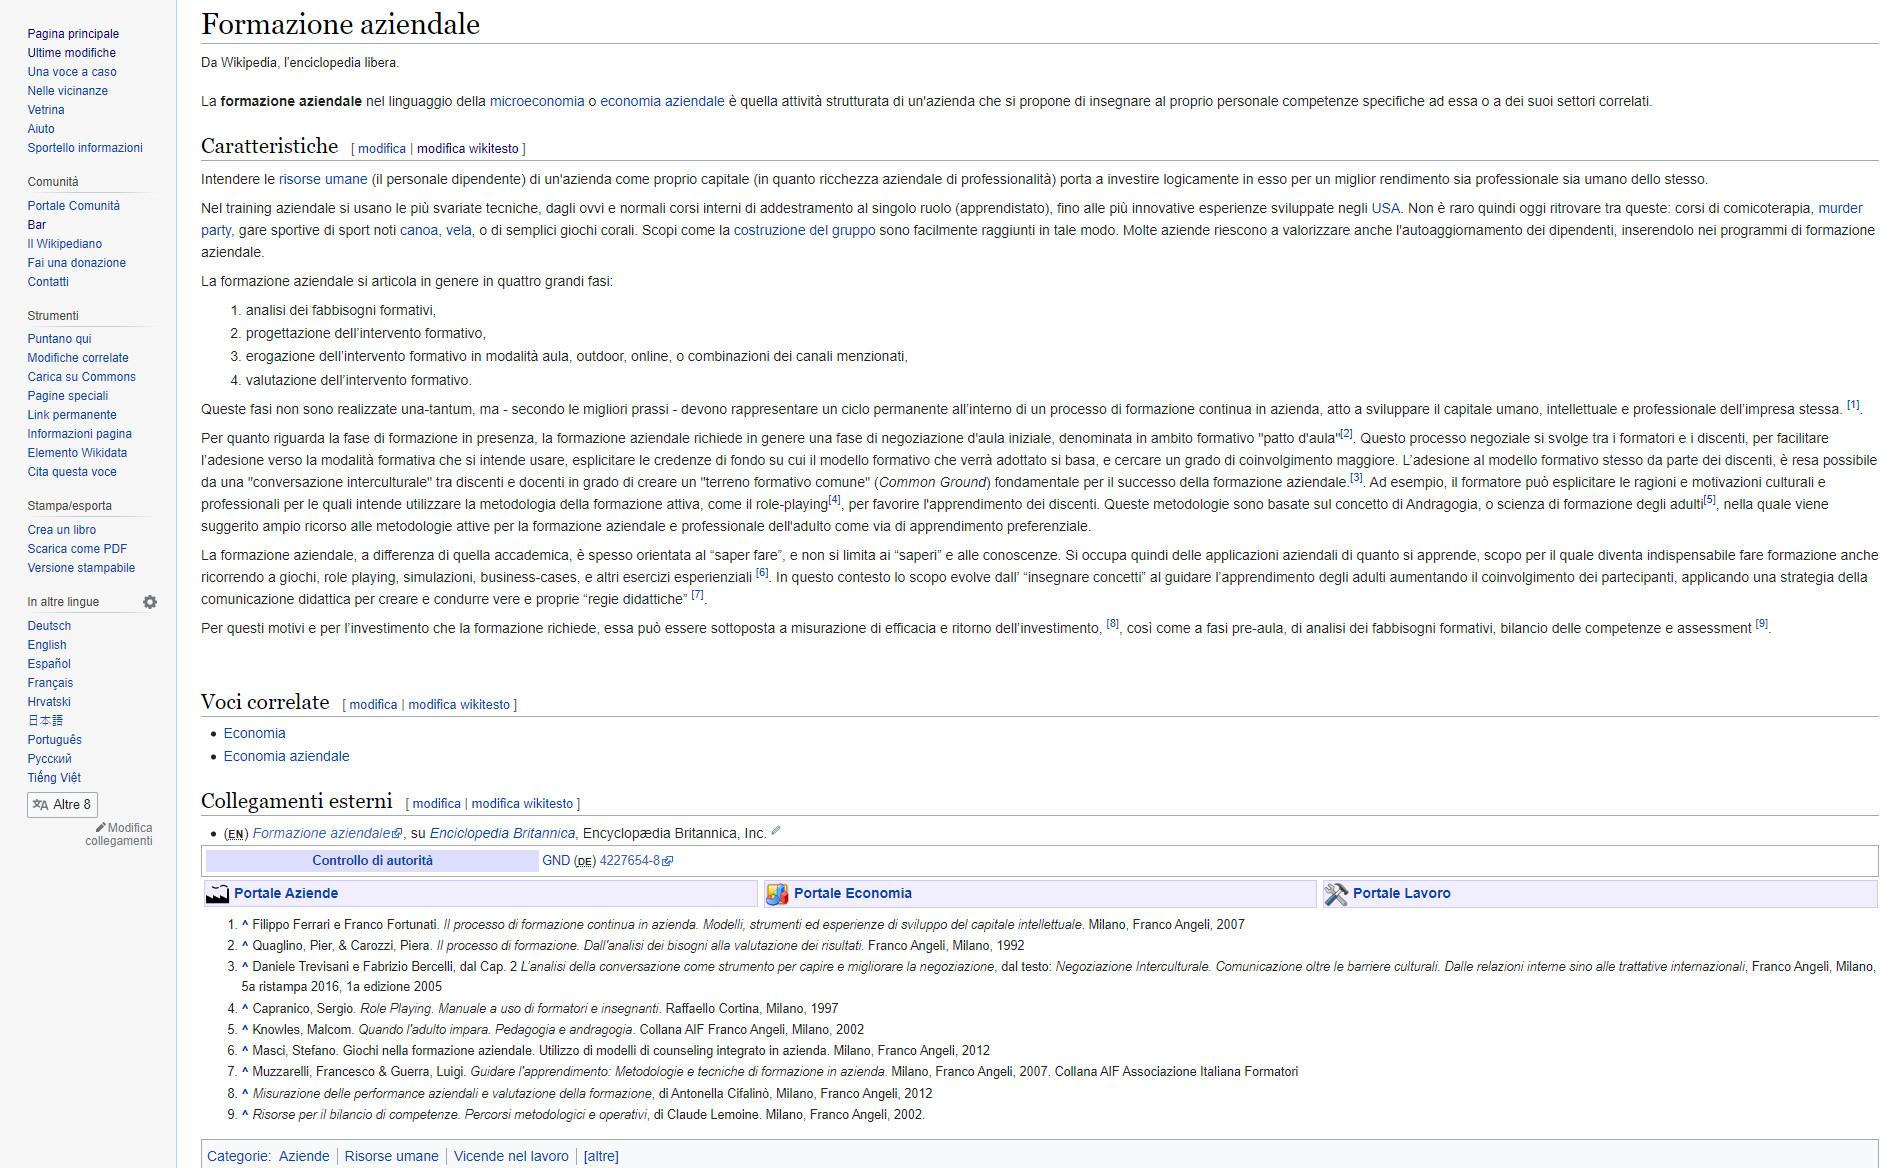 formazione aziendale wikipedia con interventi migliorativi